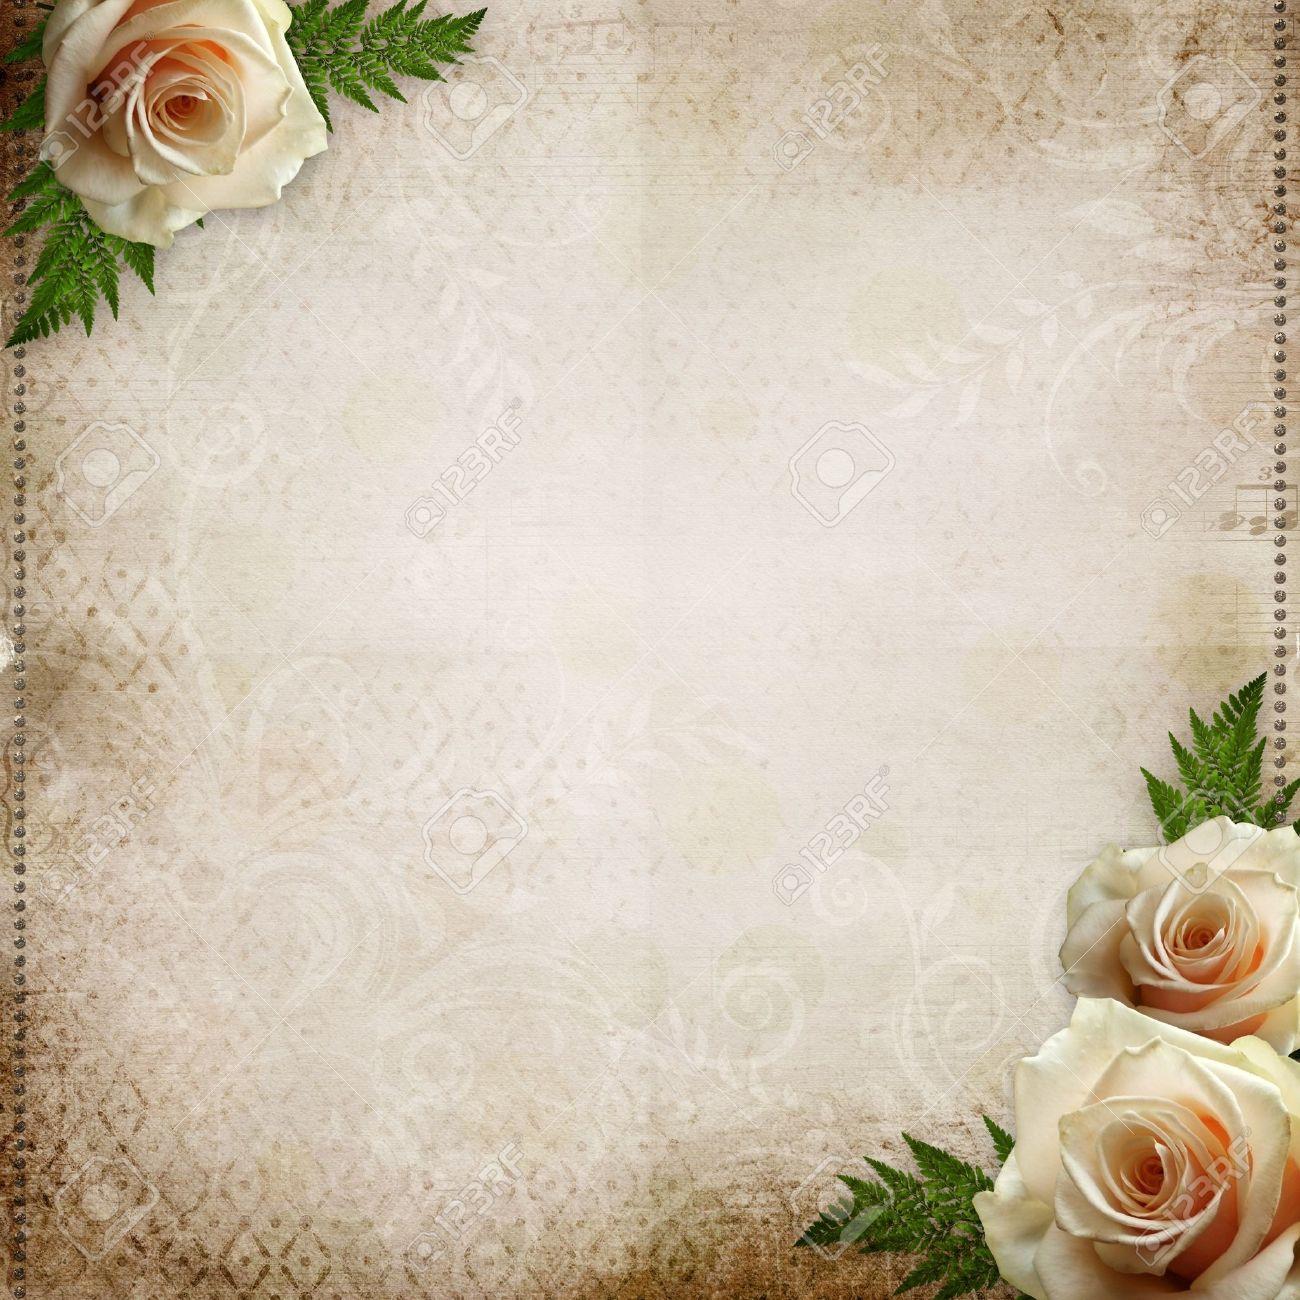 Vintage Schone Hochzeit Hintergrund Lizenzfreie Fotos Bilder Und